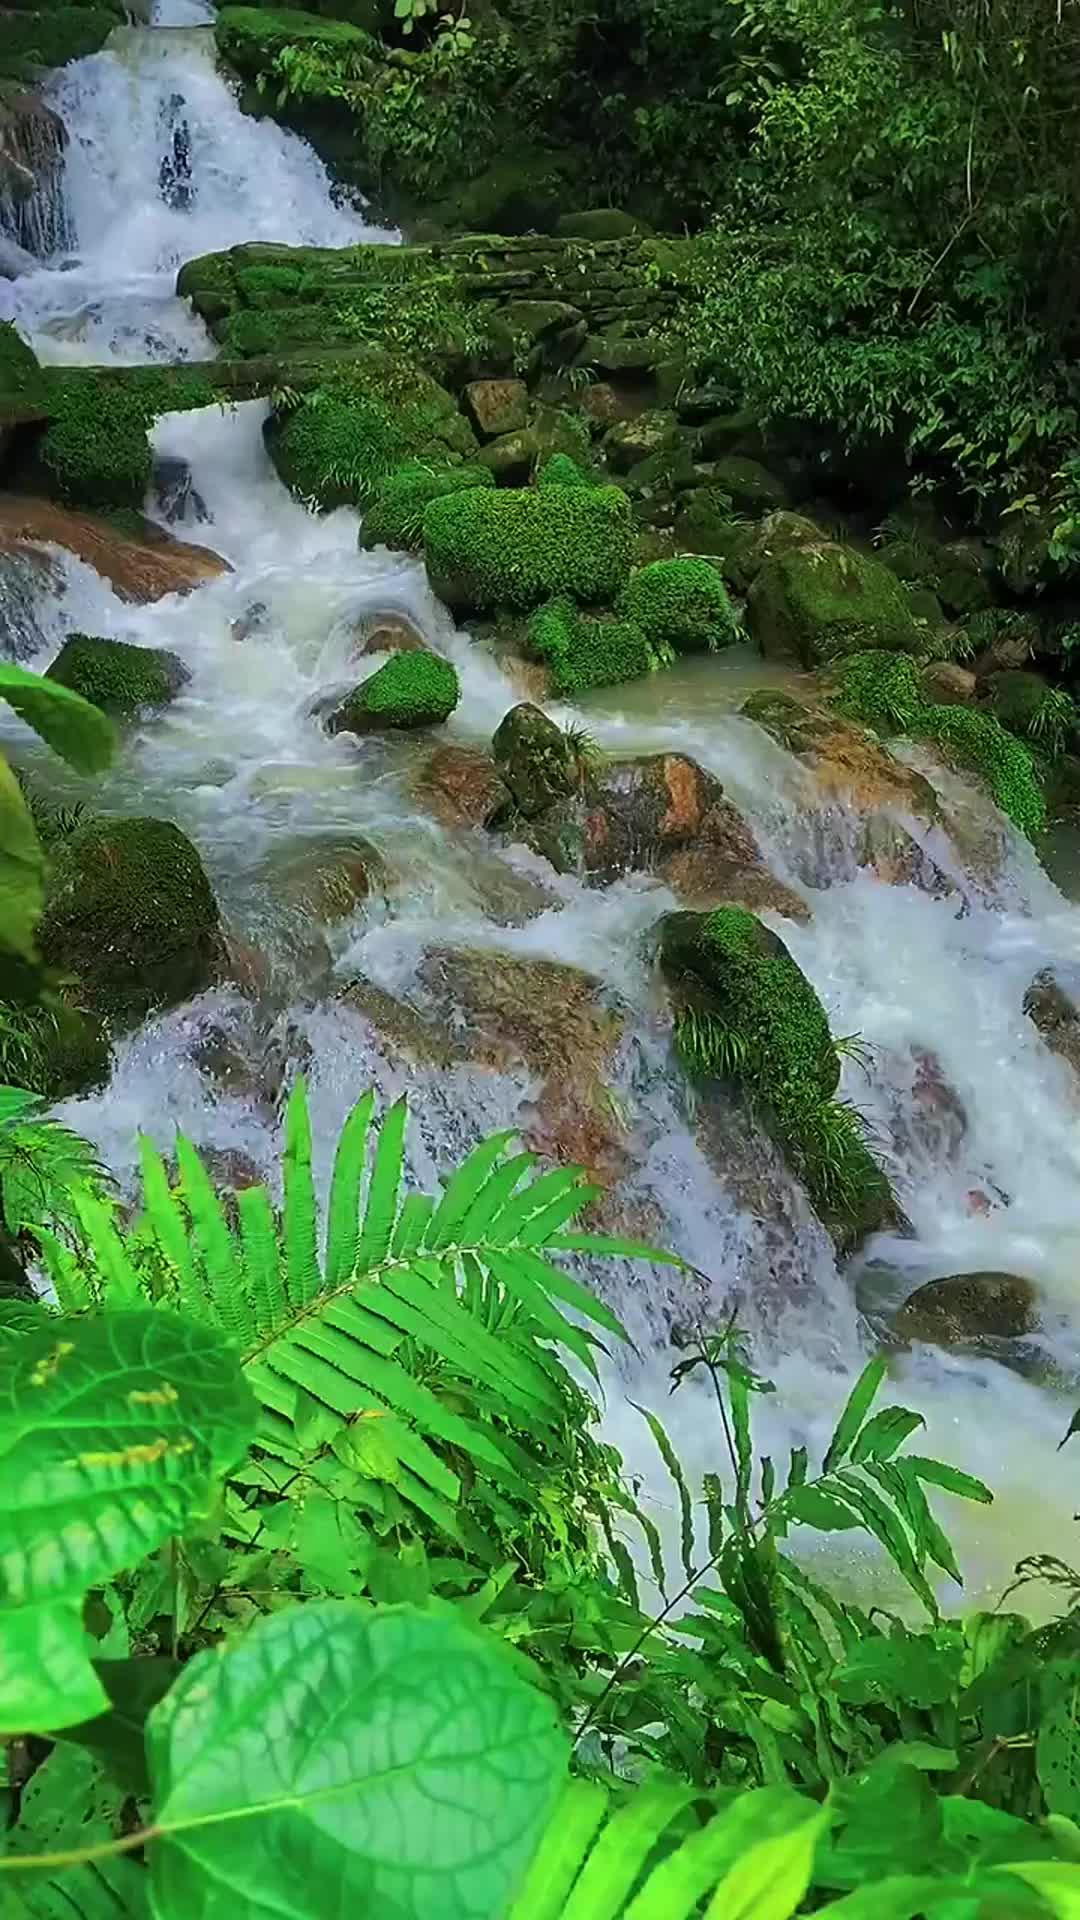 一首堪称经典的《周深-浓情淡如你》如同山涧潺潺流水,直击灵魂